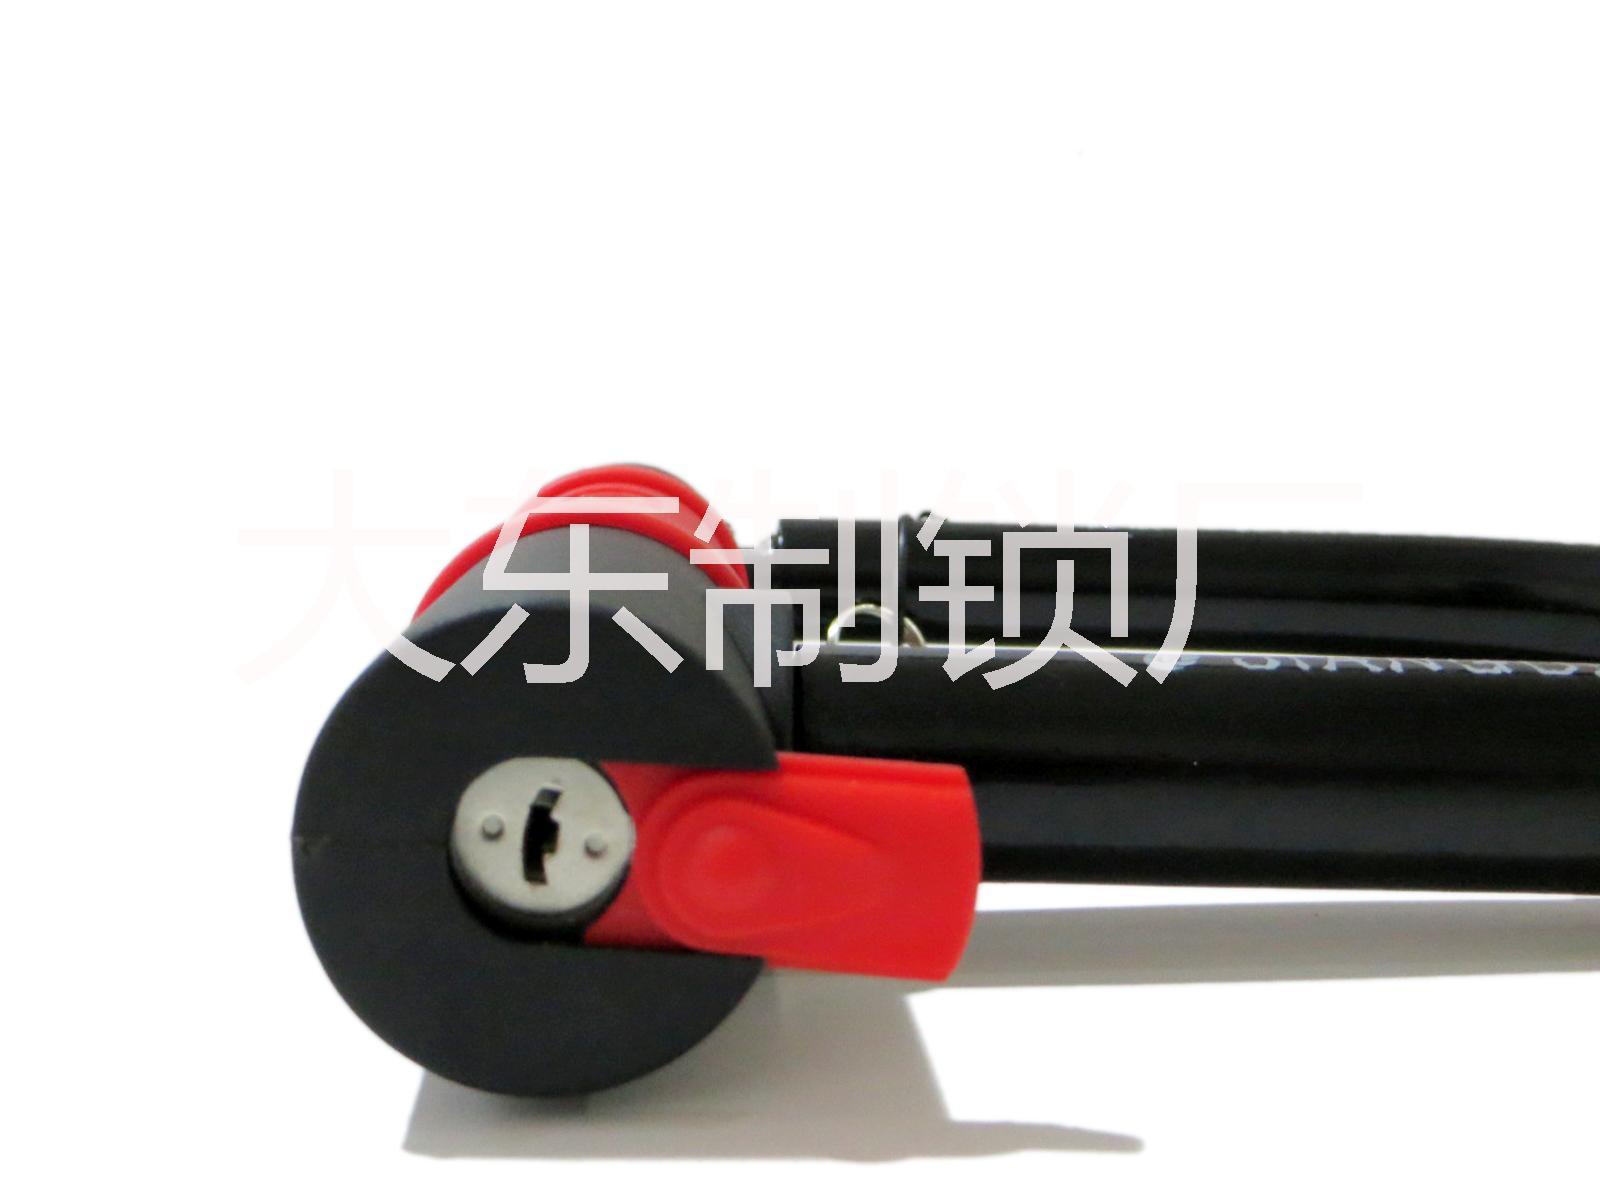 厂家直销U型锁摩托车锁电动车锁自行车锁 摩托车锁电动车锁U型锁厂家批发